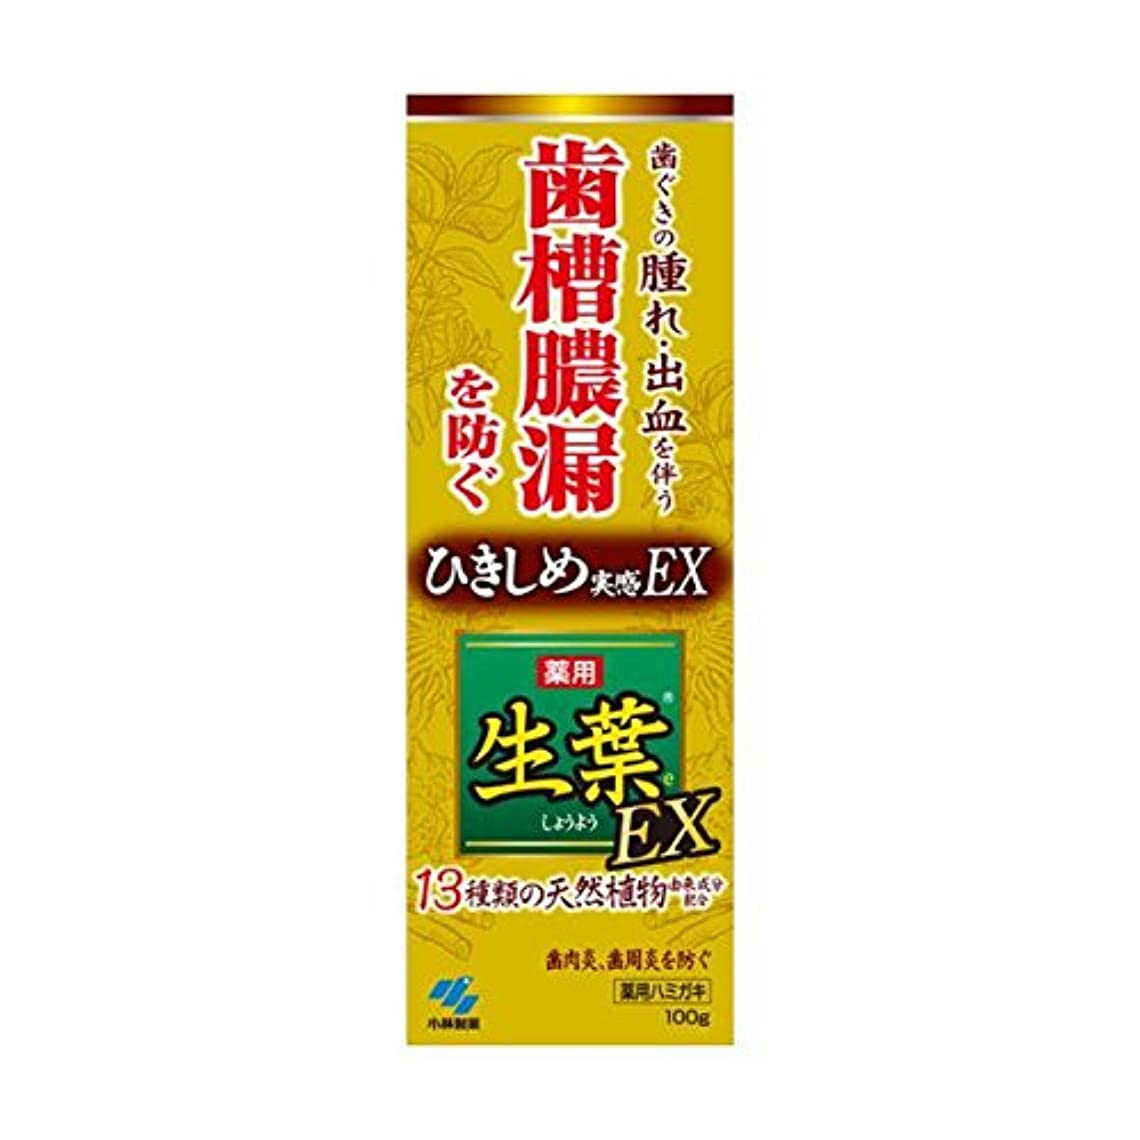 吸収剤蜂取り壊す生葉EX 100g x2個セット